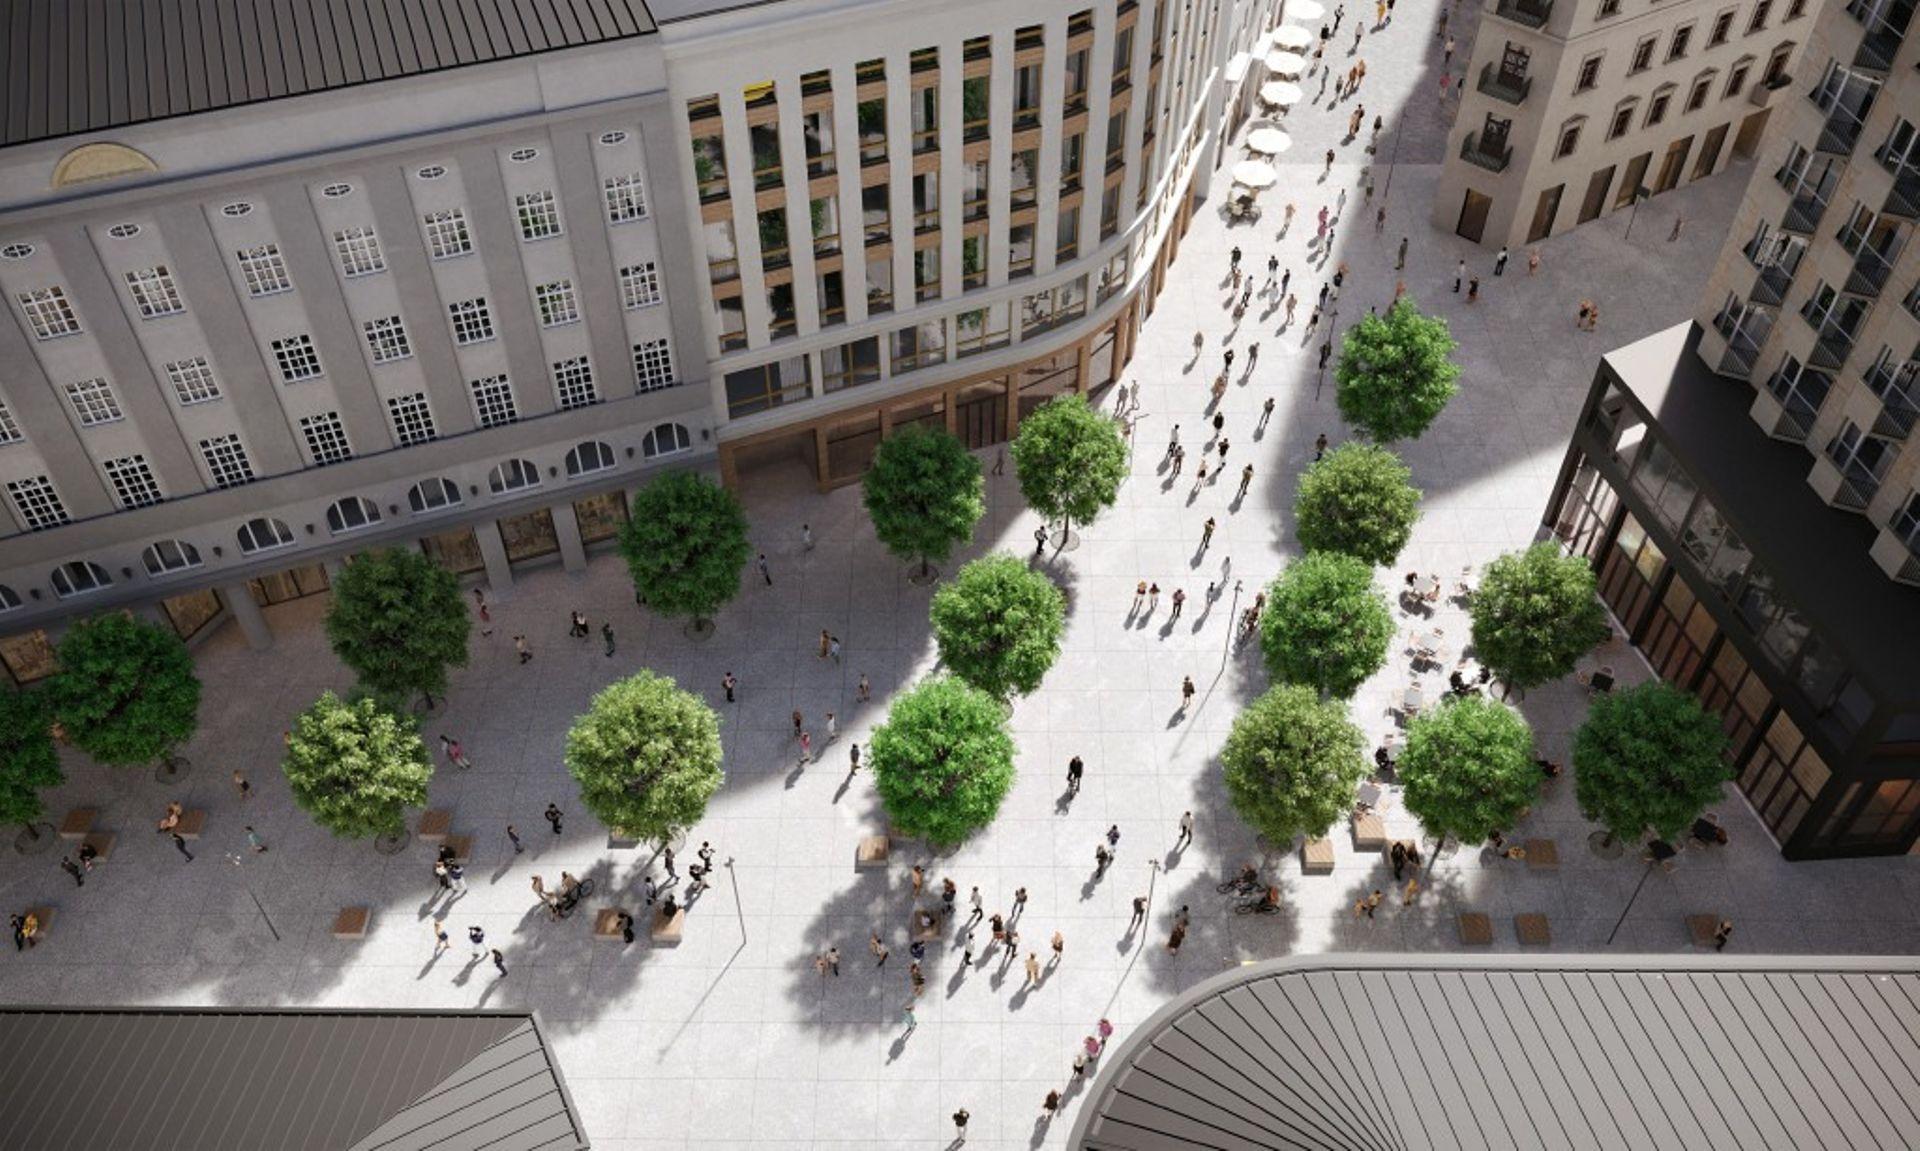 Trwają prace przy przebudowie Placu Pięciu Rogów w Warszawie [FILM]